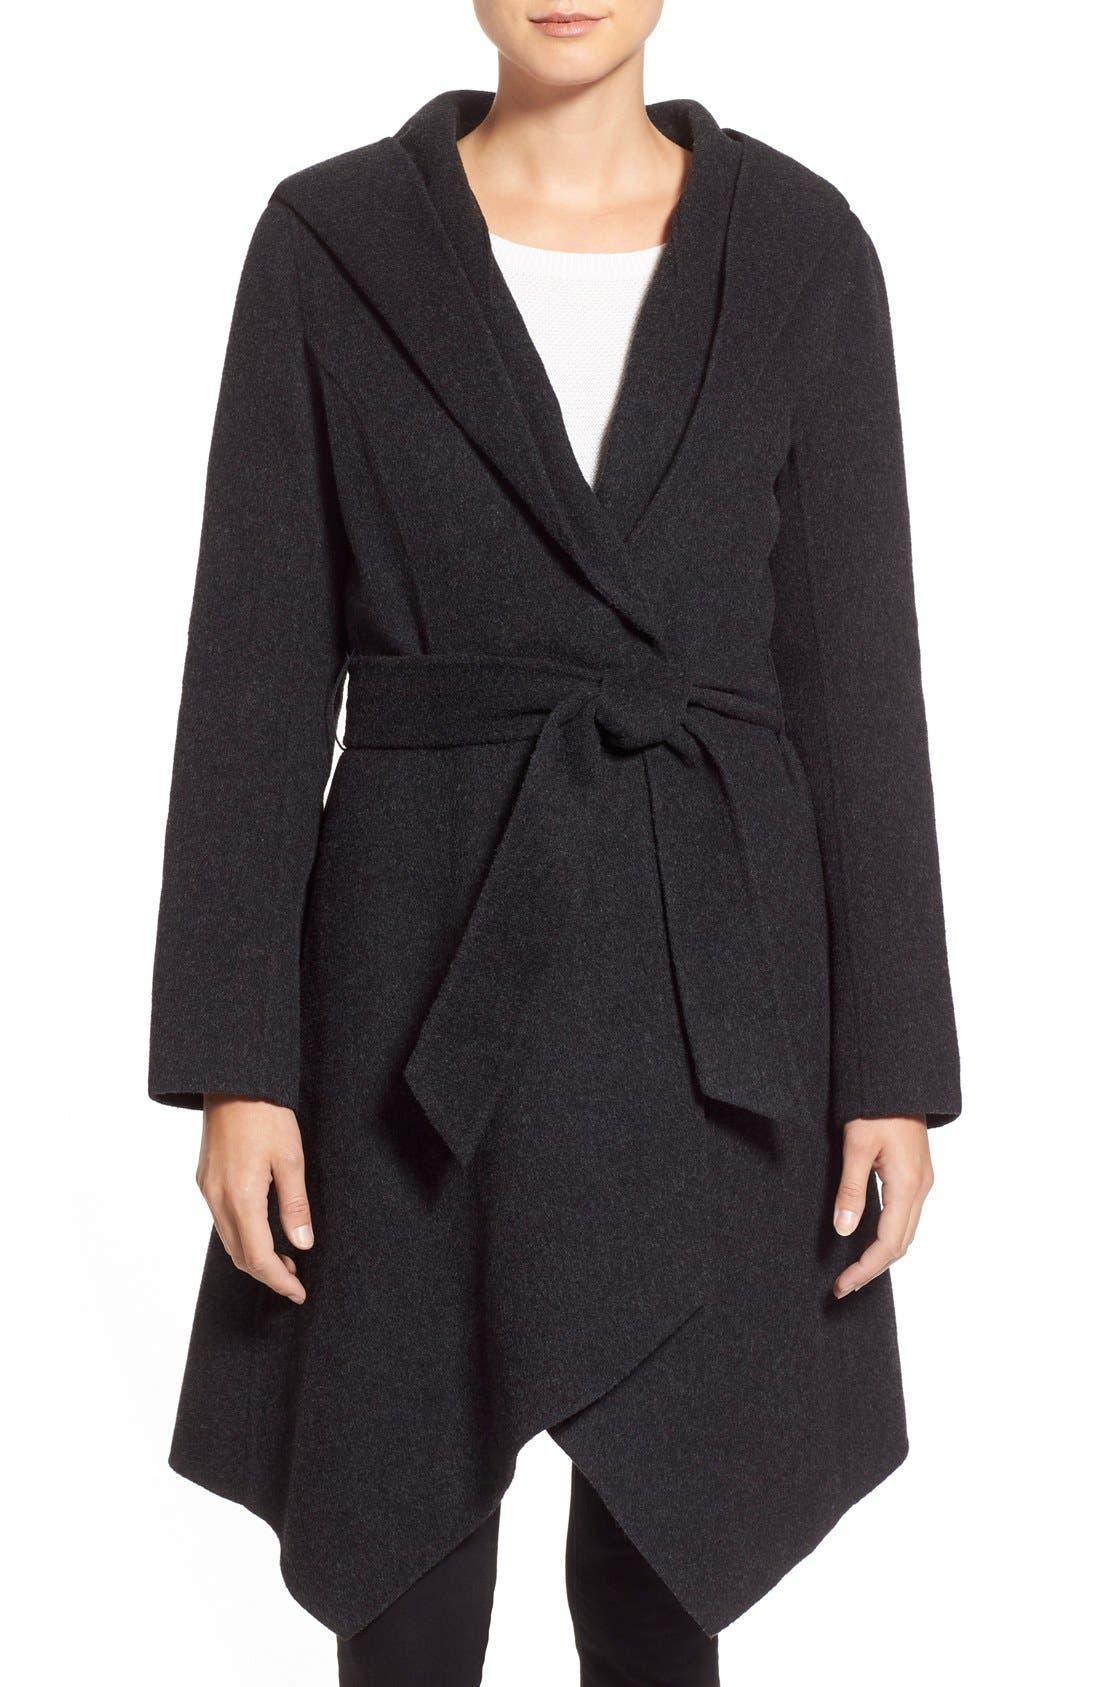 Main Image - ZAC Zac Posen 'Sophia' Belted Wool Blend Hooded Asymmetrical Coat